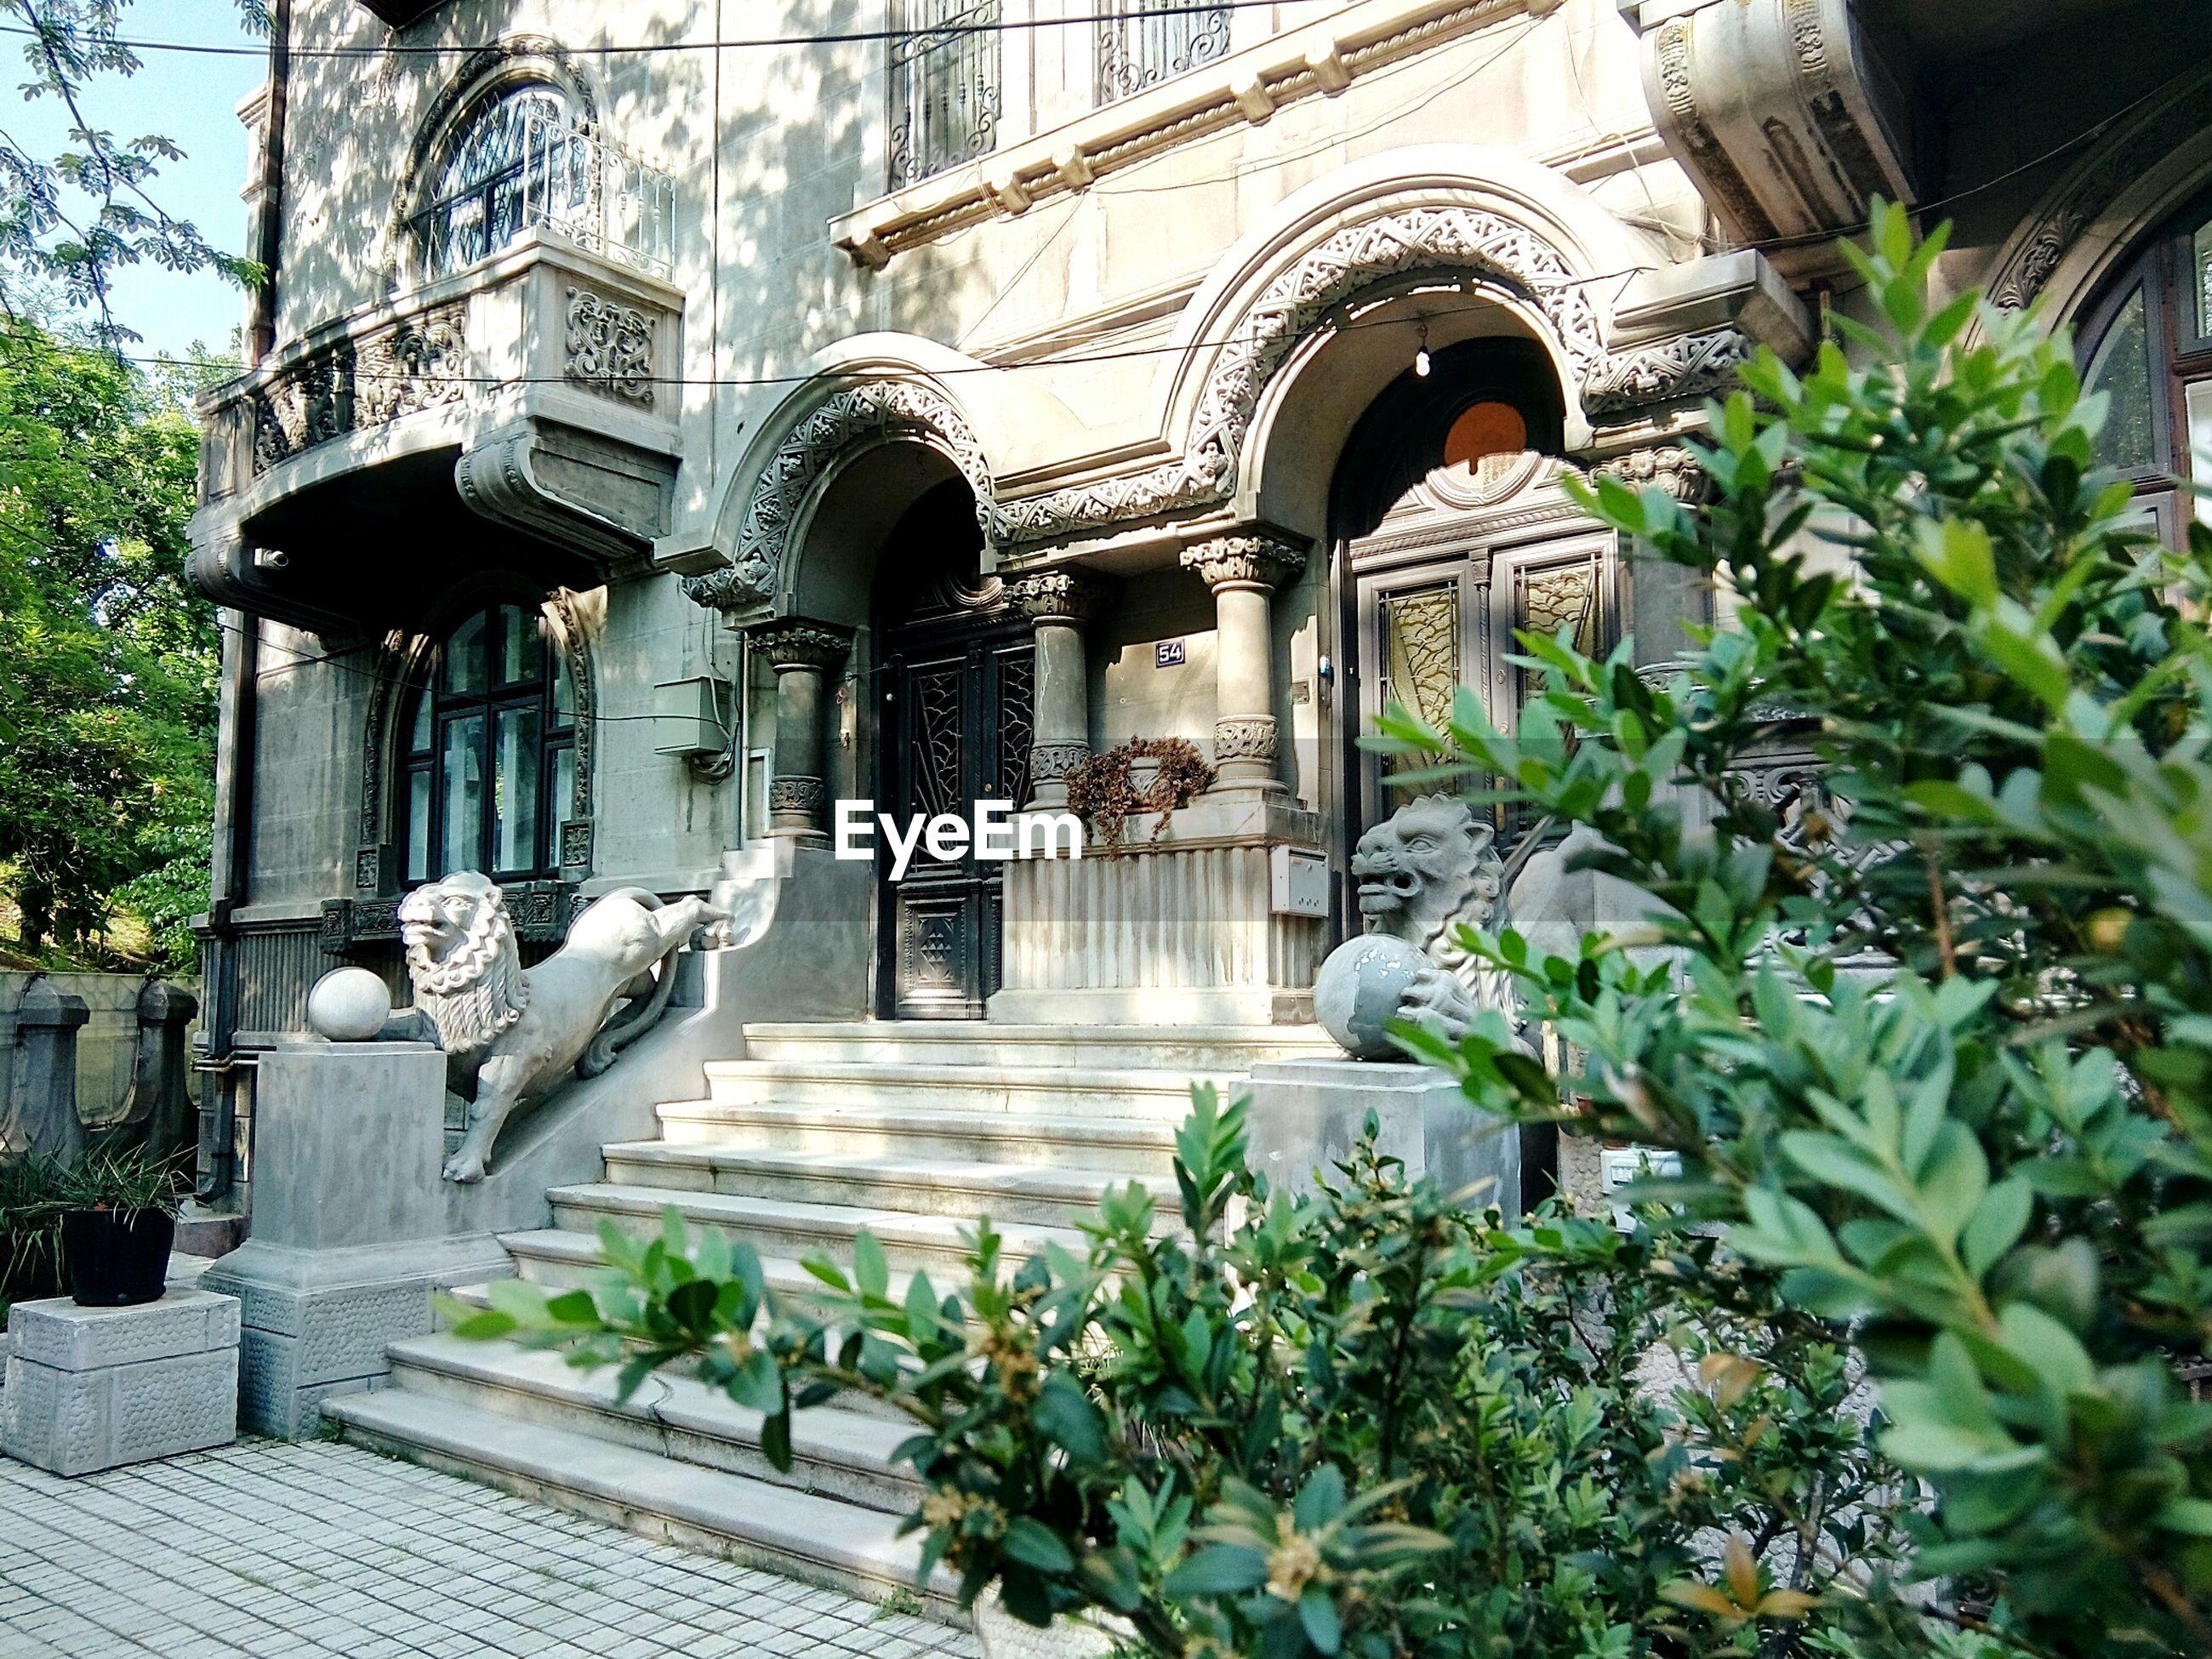 Plants against historic building